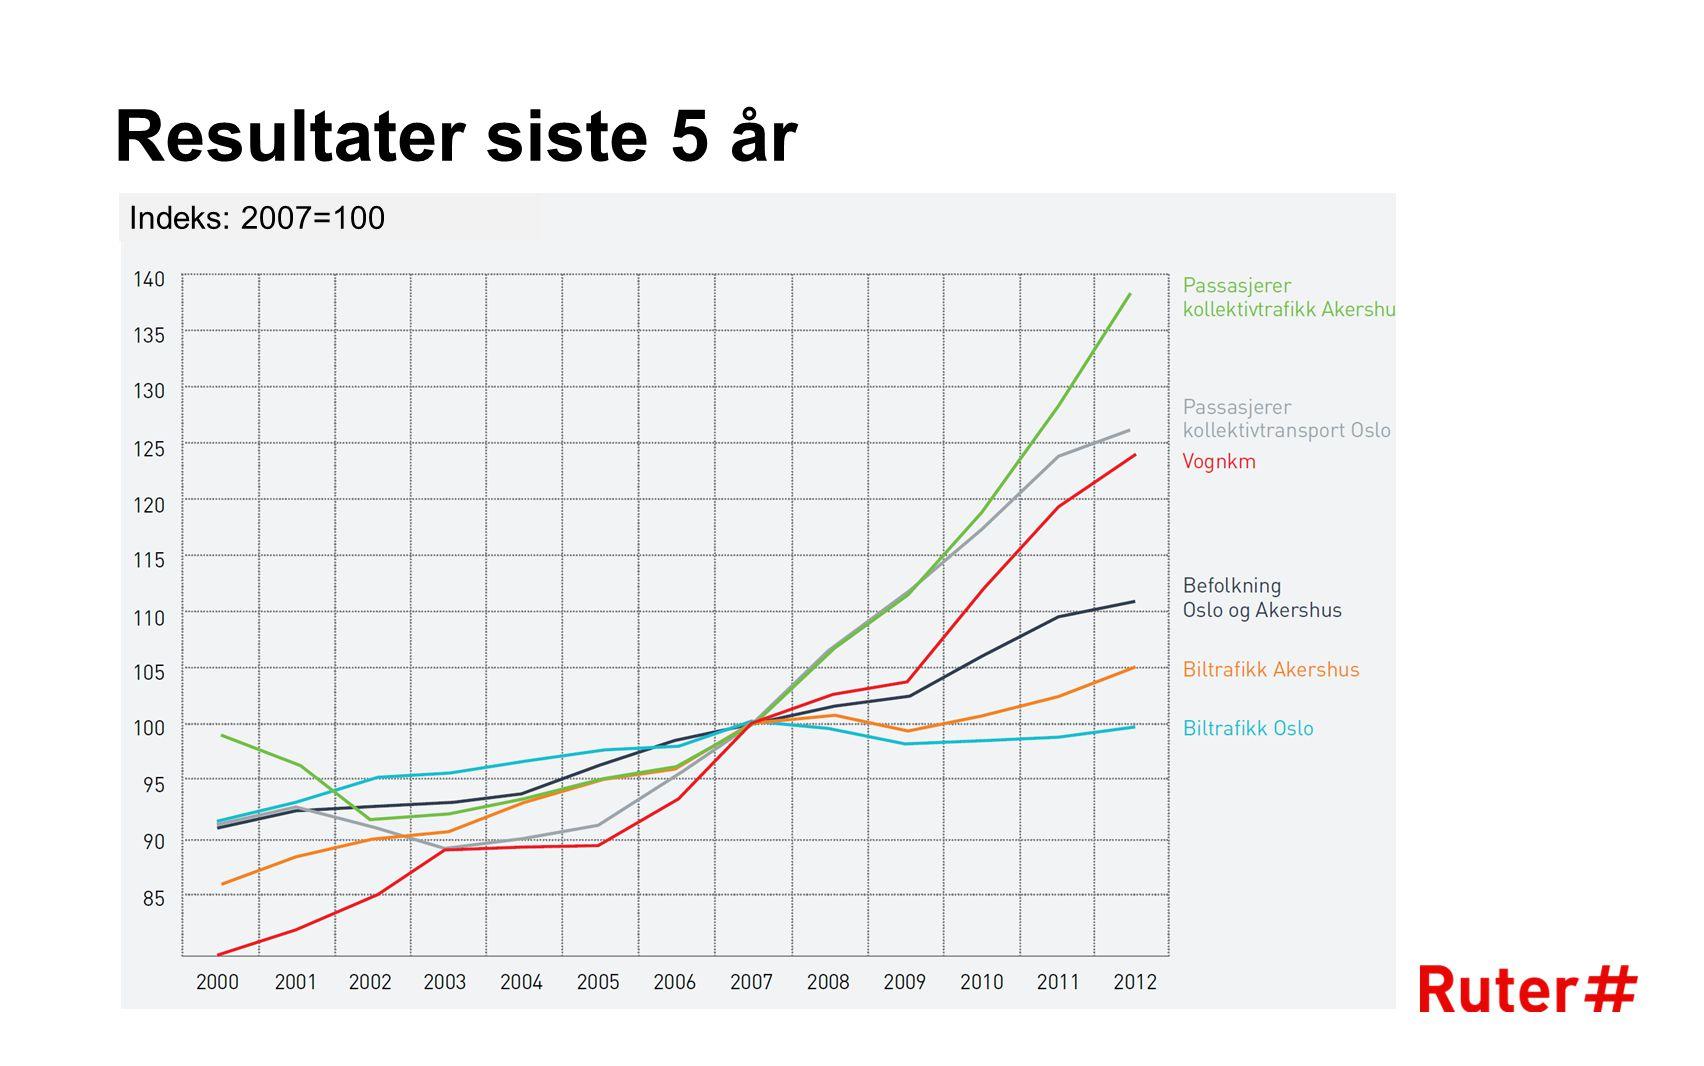 Miljøkostnad NOx, partikler, klimapåvirkning Betalbare kostnader Kapital, vedlikehold og drift Økonomisk mest fordelaktig Beste miljøvalget Beste løsning for økonomi og miljø 90 000kr/år 0kr/år 8kr/km 45 kr/km Bearbeidet på bakgrunn av TØI 2011 og McKinsey 2011 Diesel Bio- diesel Bio- etanol Biogass El - batteri El - brenselcelle Bensin Natur- gass Ruter vil implementere en materiellstrategi som peker framover og tar i bruk tilgjengelig teknologi (2) 7.